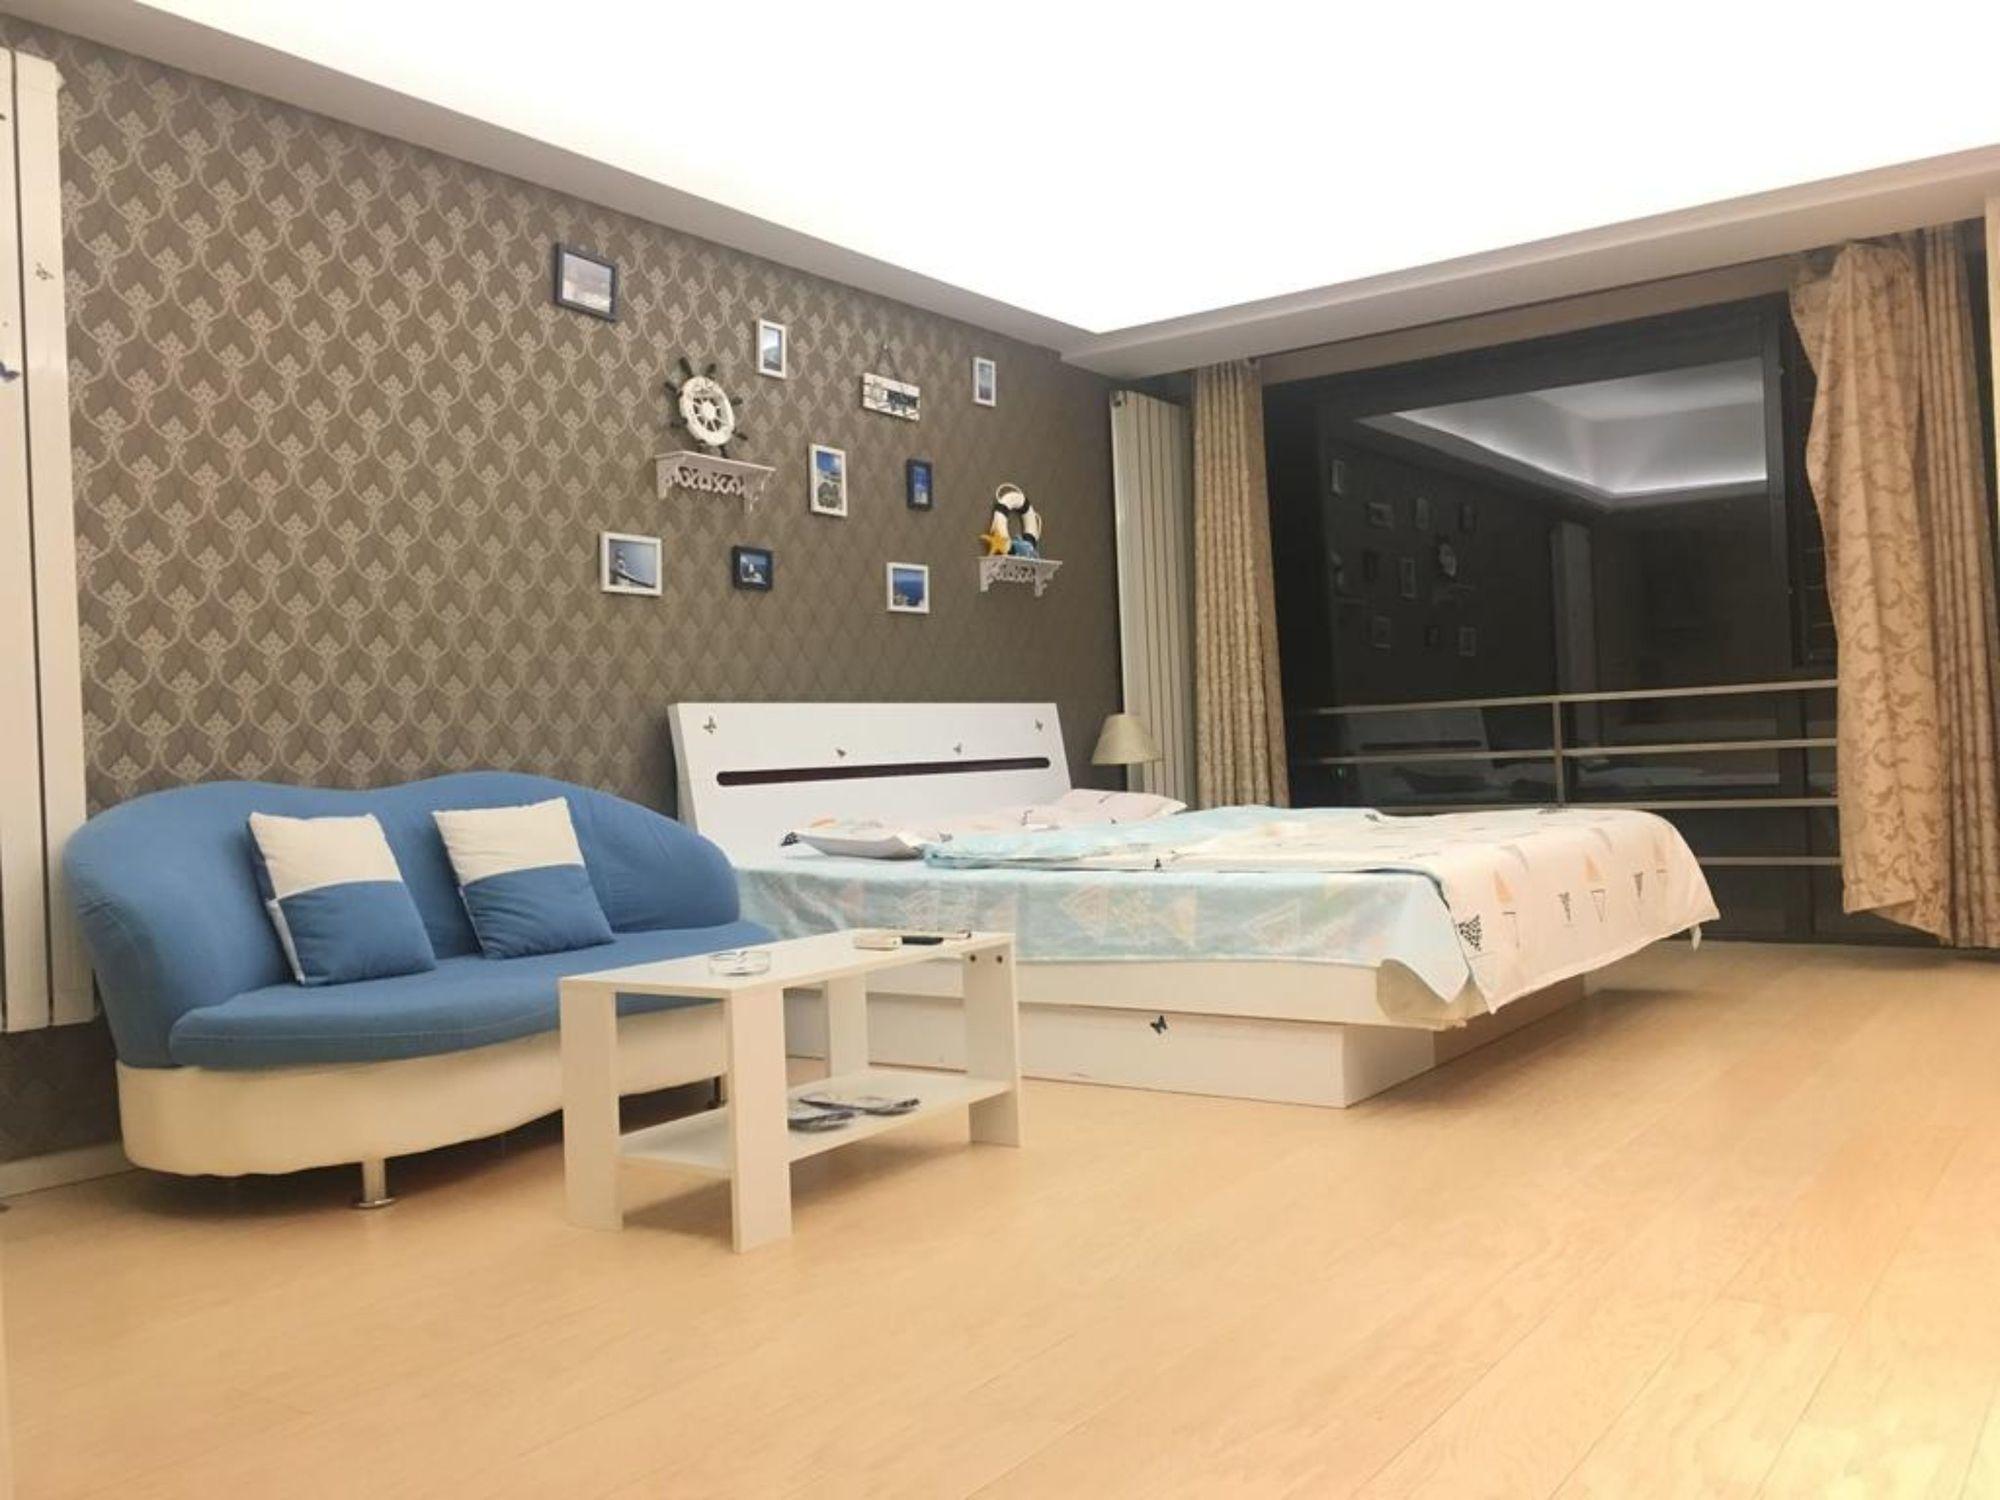 Tianjin Zunke Youpin Apart Hotel